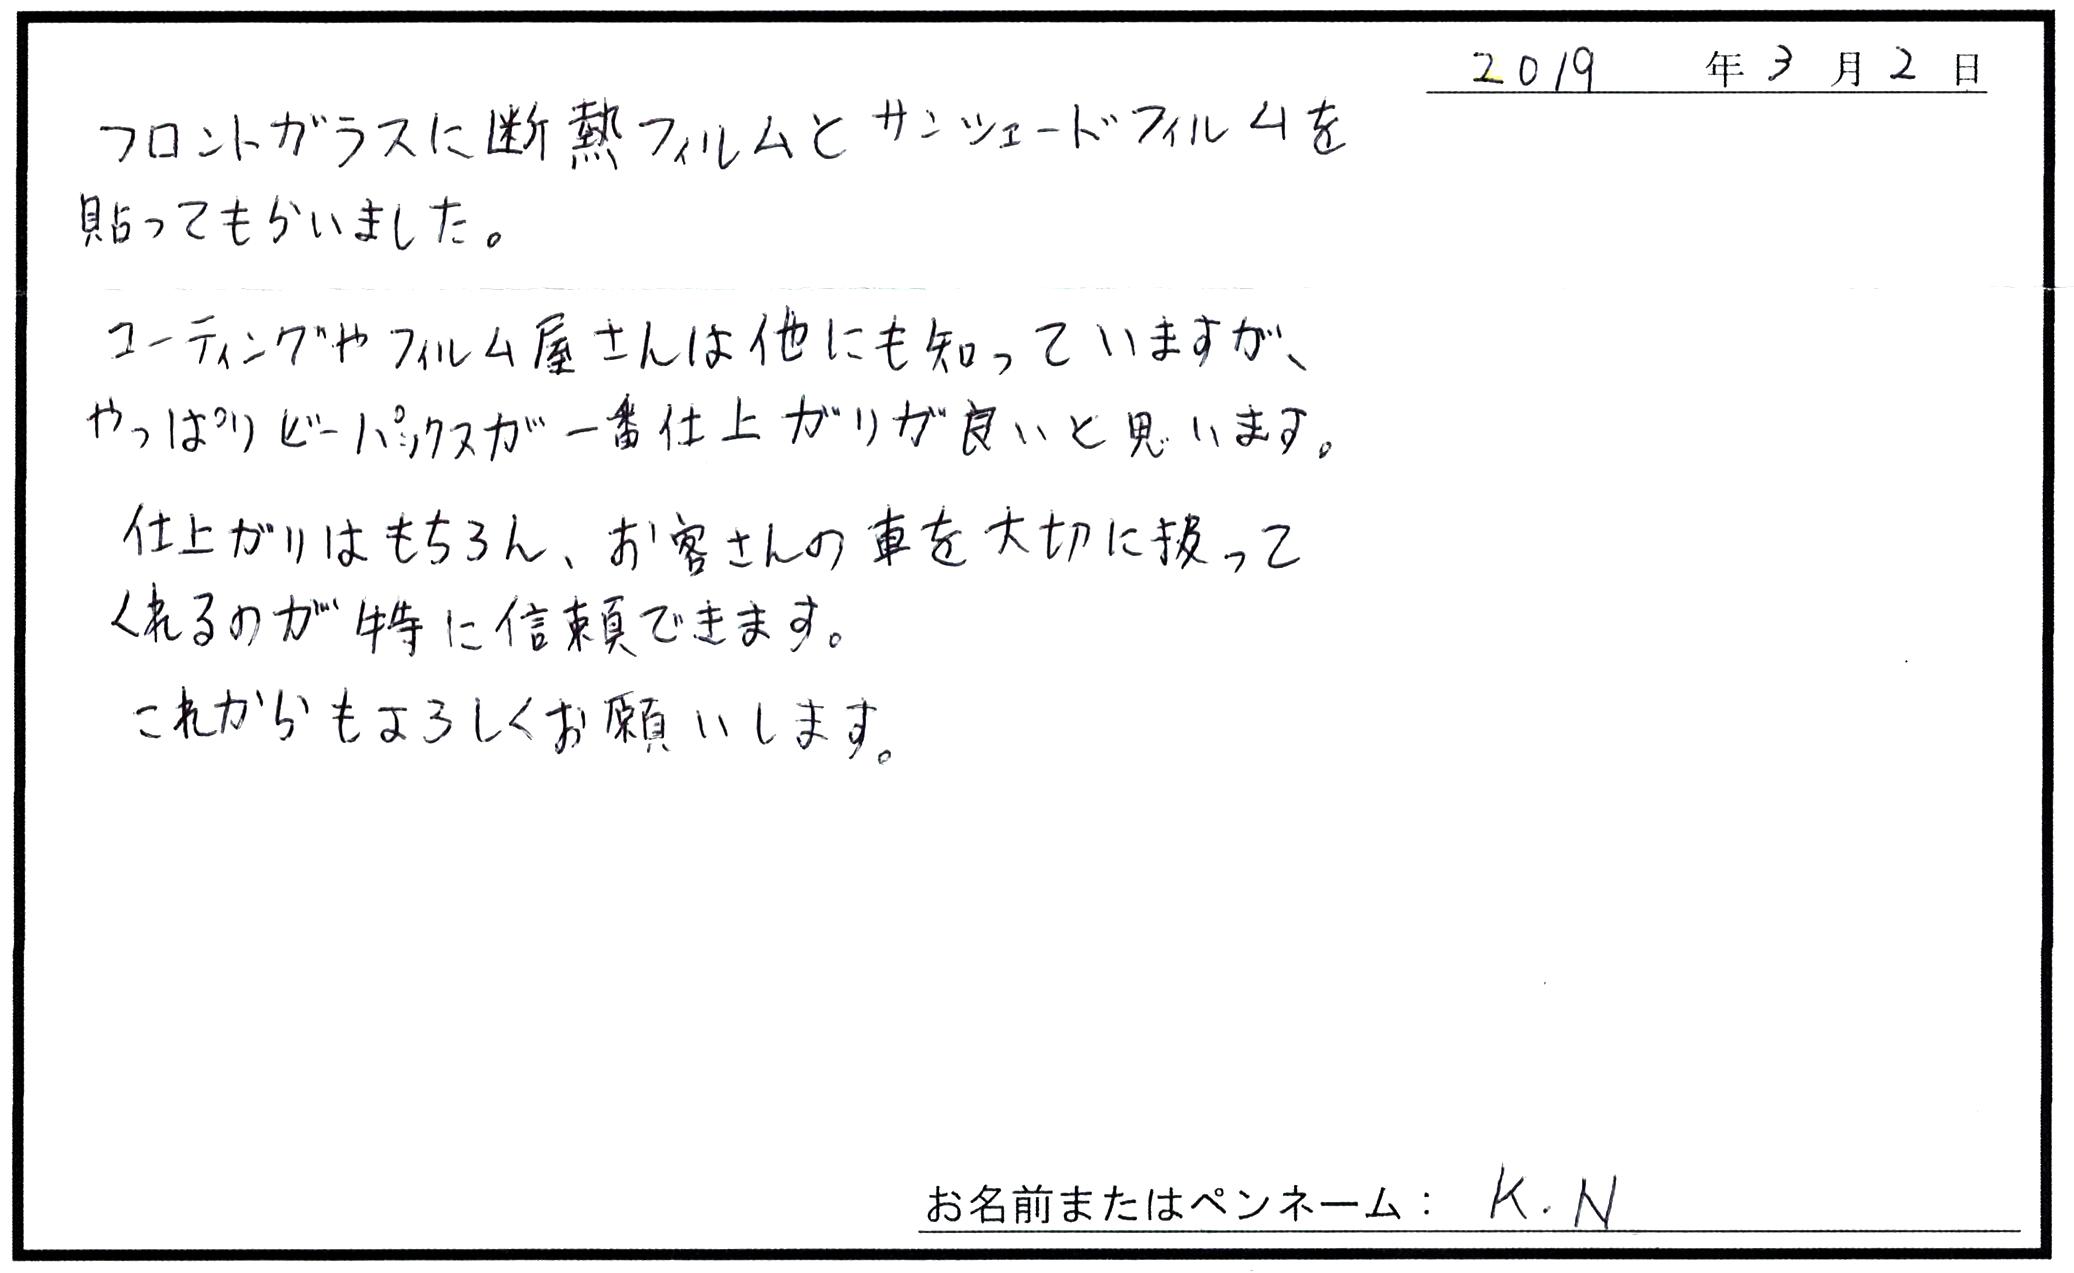 ビーパックスへのクチコミ/お客様の声:K.N. 様(京都府宇治市)/日産 セレナ